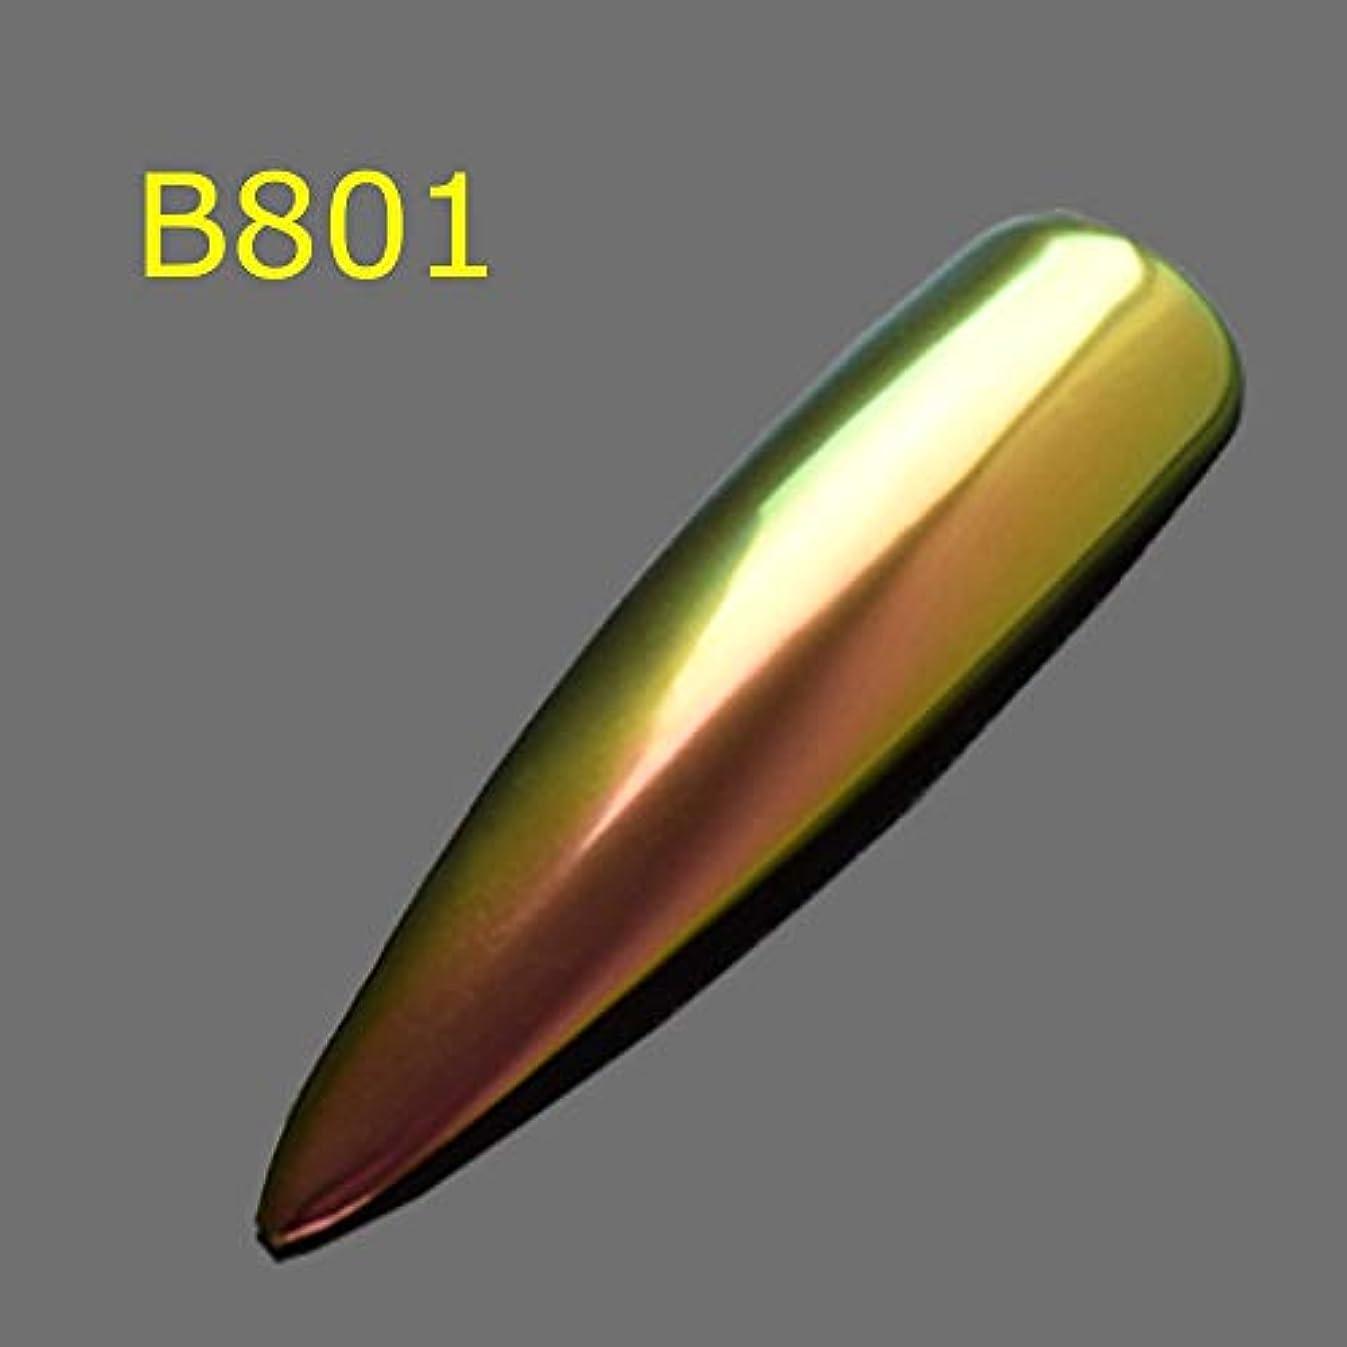 個性カードあいまい1ピースキラキラカメレオンフレークマジック効果グラデーションホログラフィックカラーネイルグリッターパウダーダストポリッシュジェルマニキュアSAB801-8800 B801